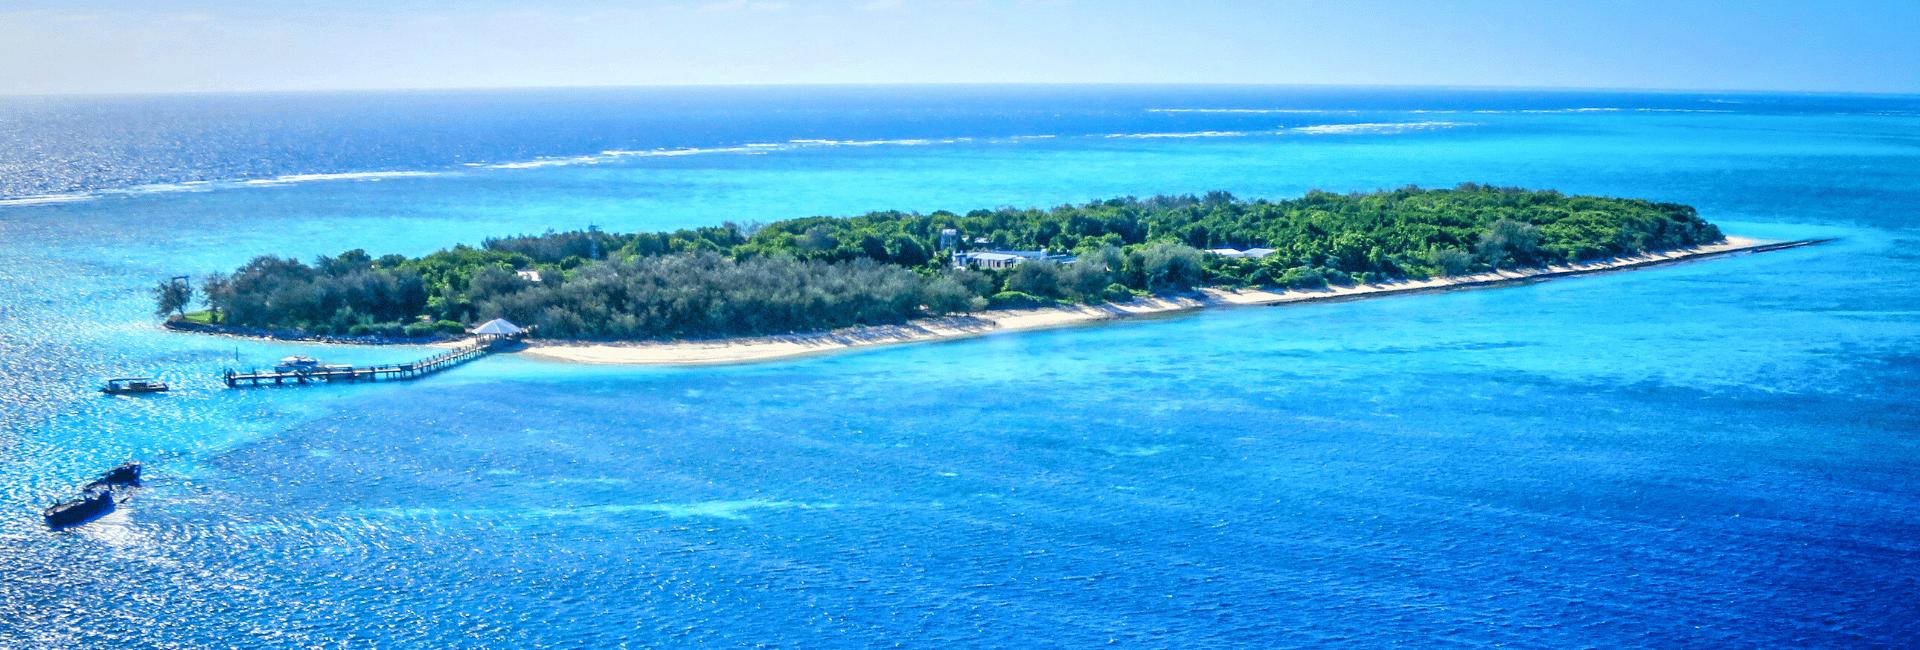 Australiens skønne øer – Risskov Rejser